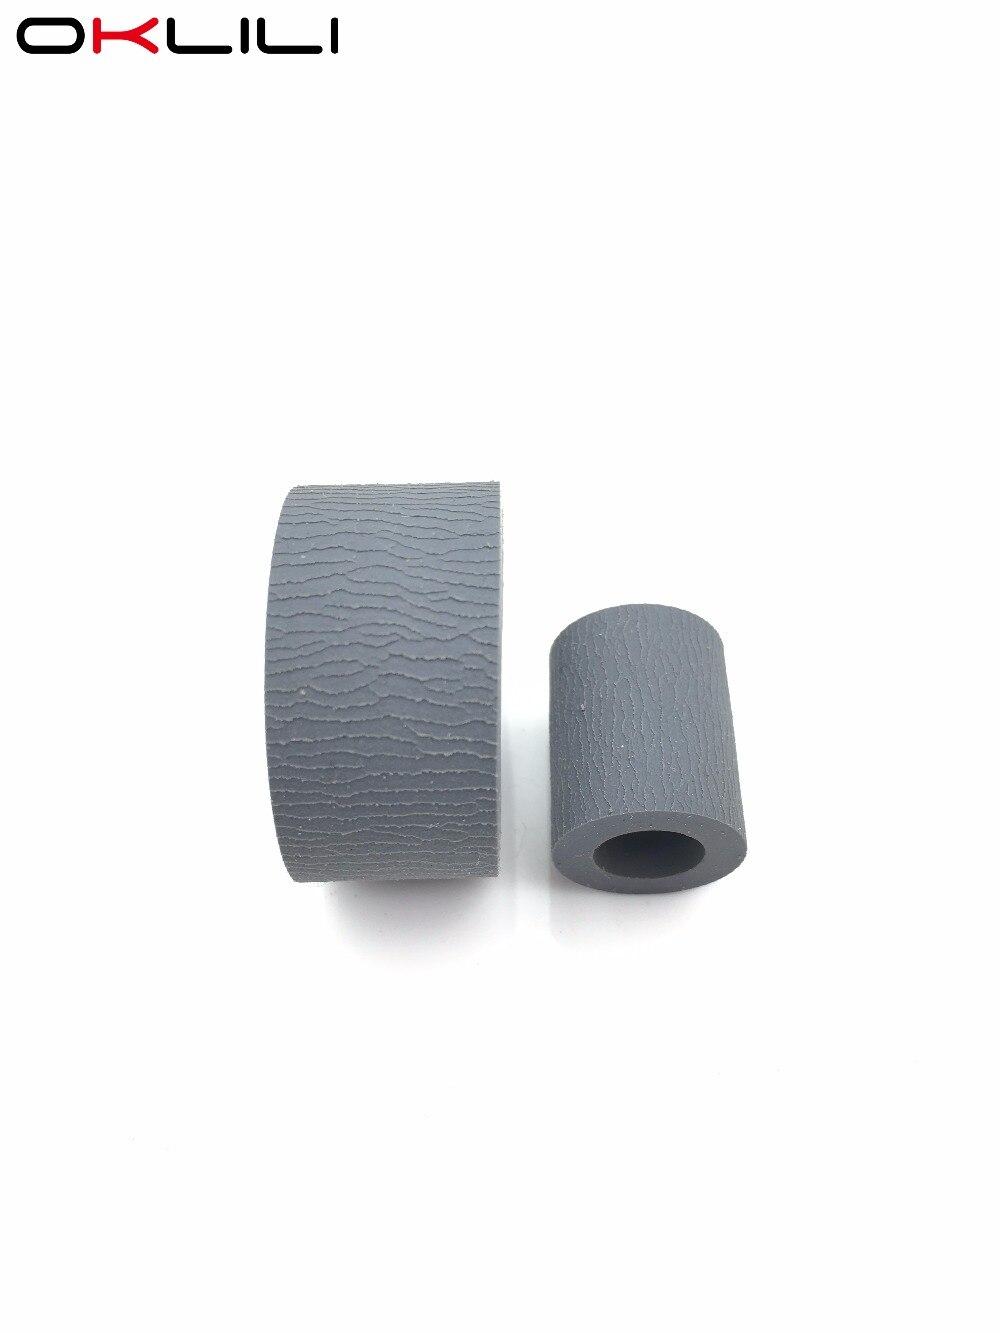 20X RETARD SUB PICK ASSY Feed Pickup Roller for Epson ME10 L110 L111 L120 L130 L210 L220 L211 L300 L301 L303 L310 L350 L351 L353 чернила cactus cs ept6643 250 для epson l100 l110 l120 l132 l200 l210 l222 l300 l312 l350 l355 l362